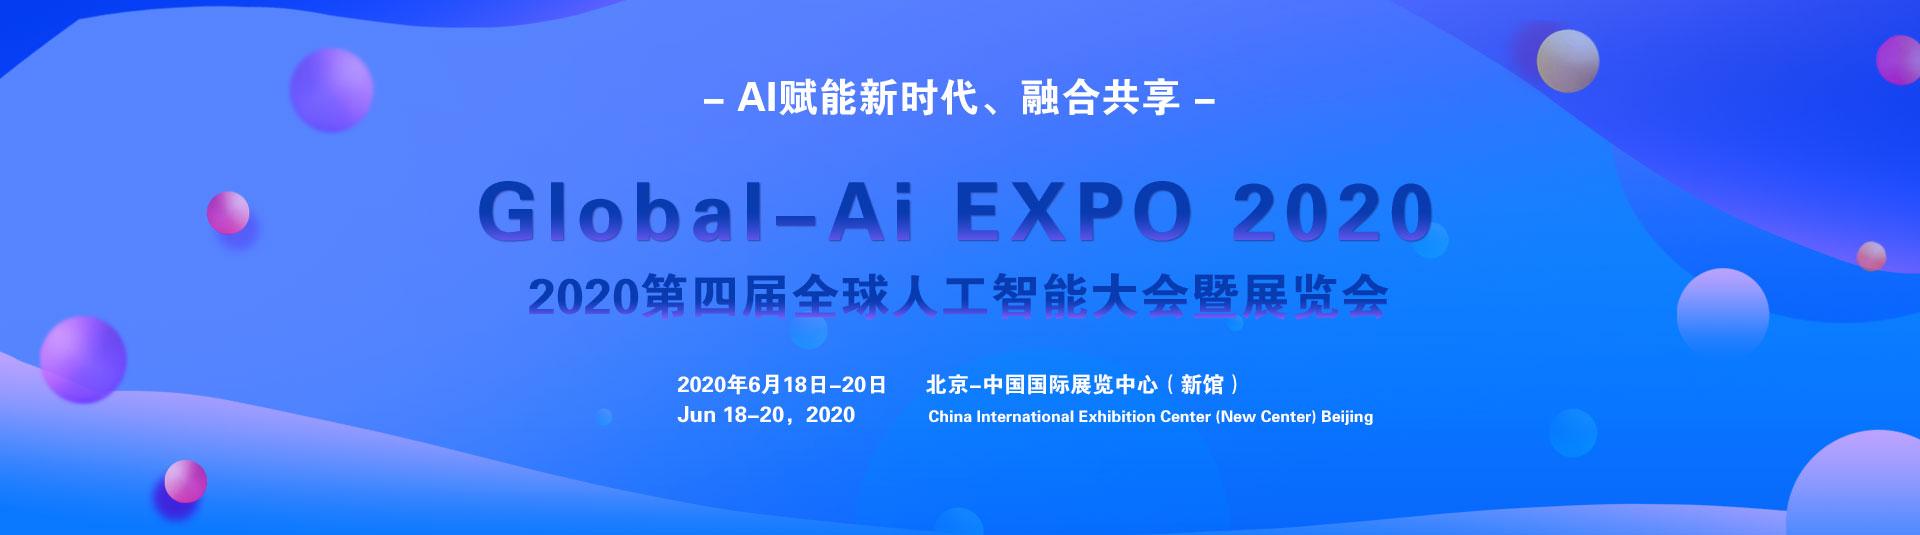 无刷电机供应厂,2020第四届全球人工智能大会将于6月18-20日在北京召开_发展